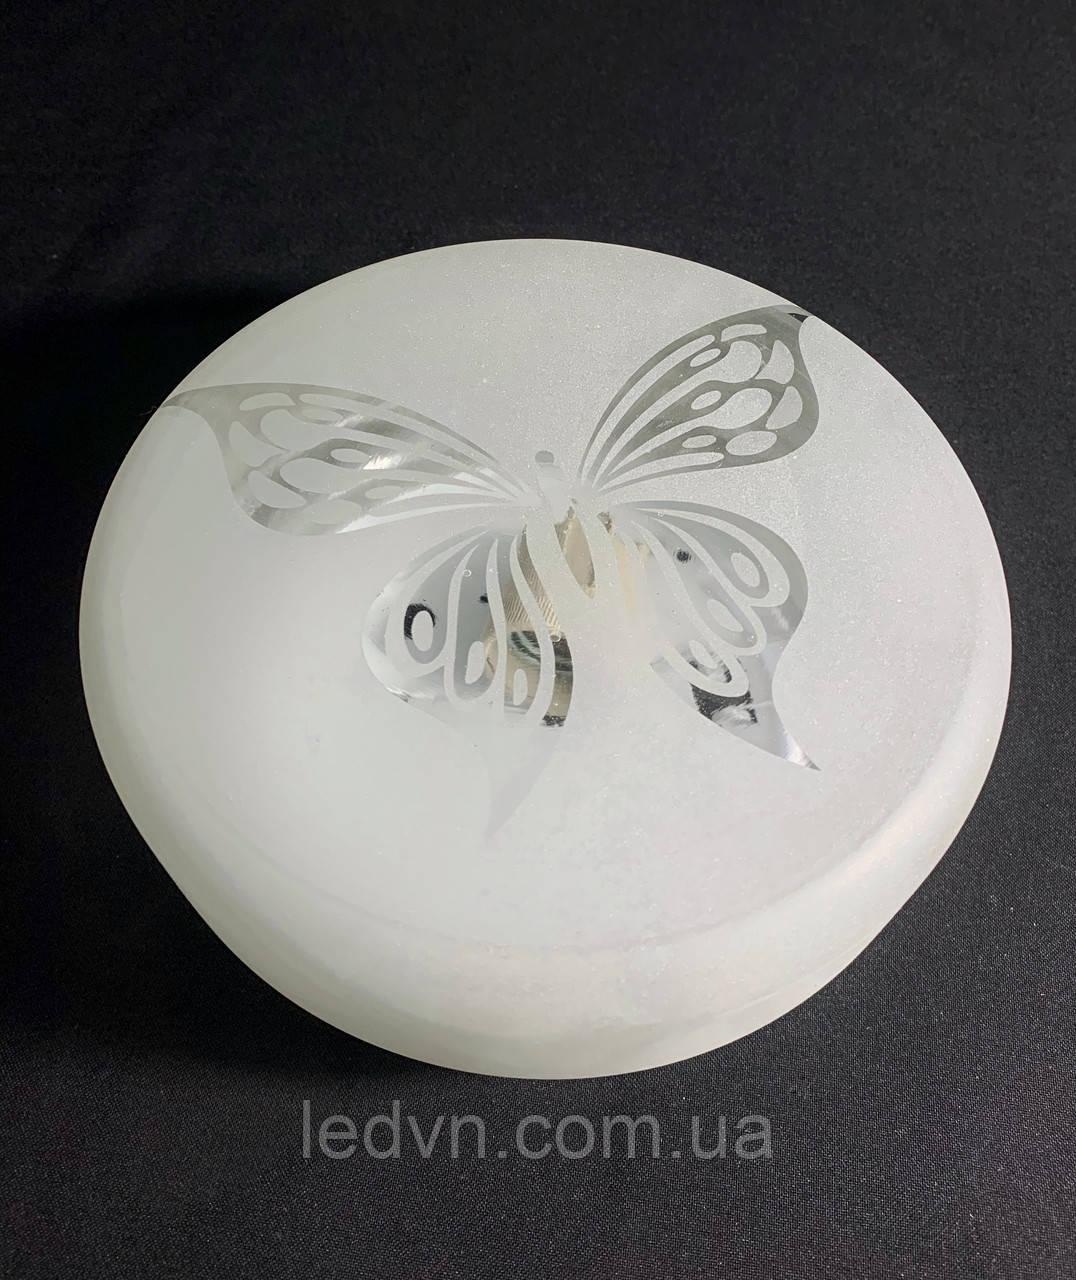 Потолочный светильник Е27 матовый бабочка